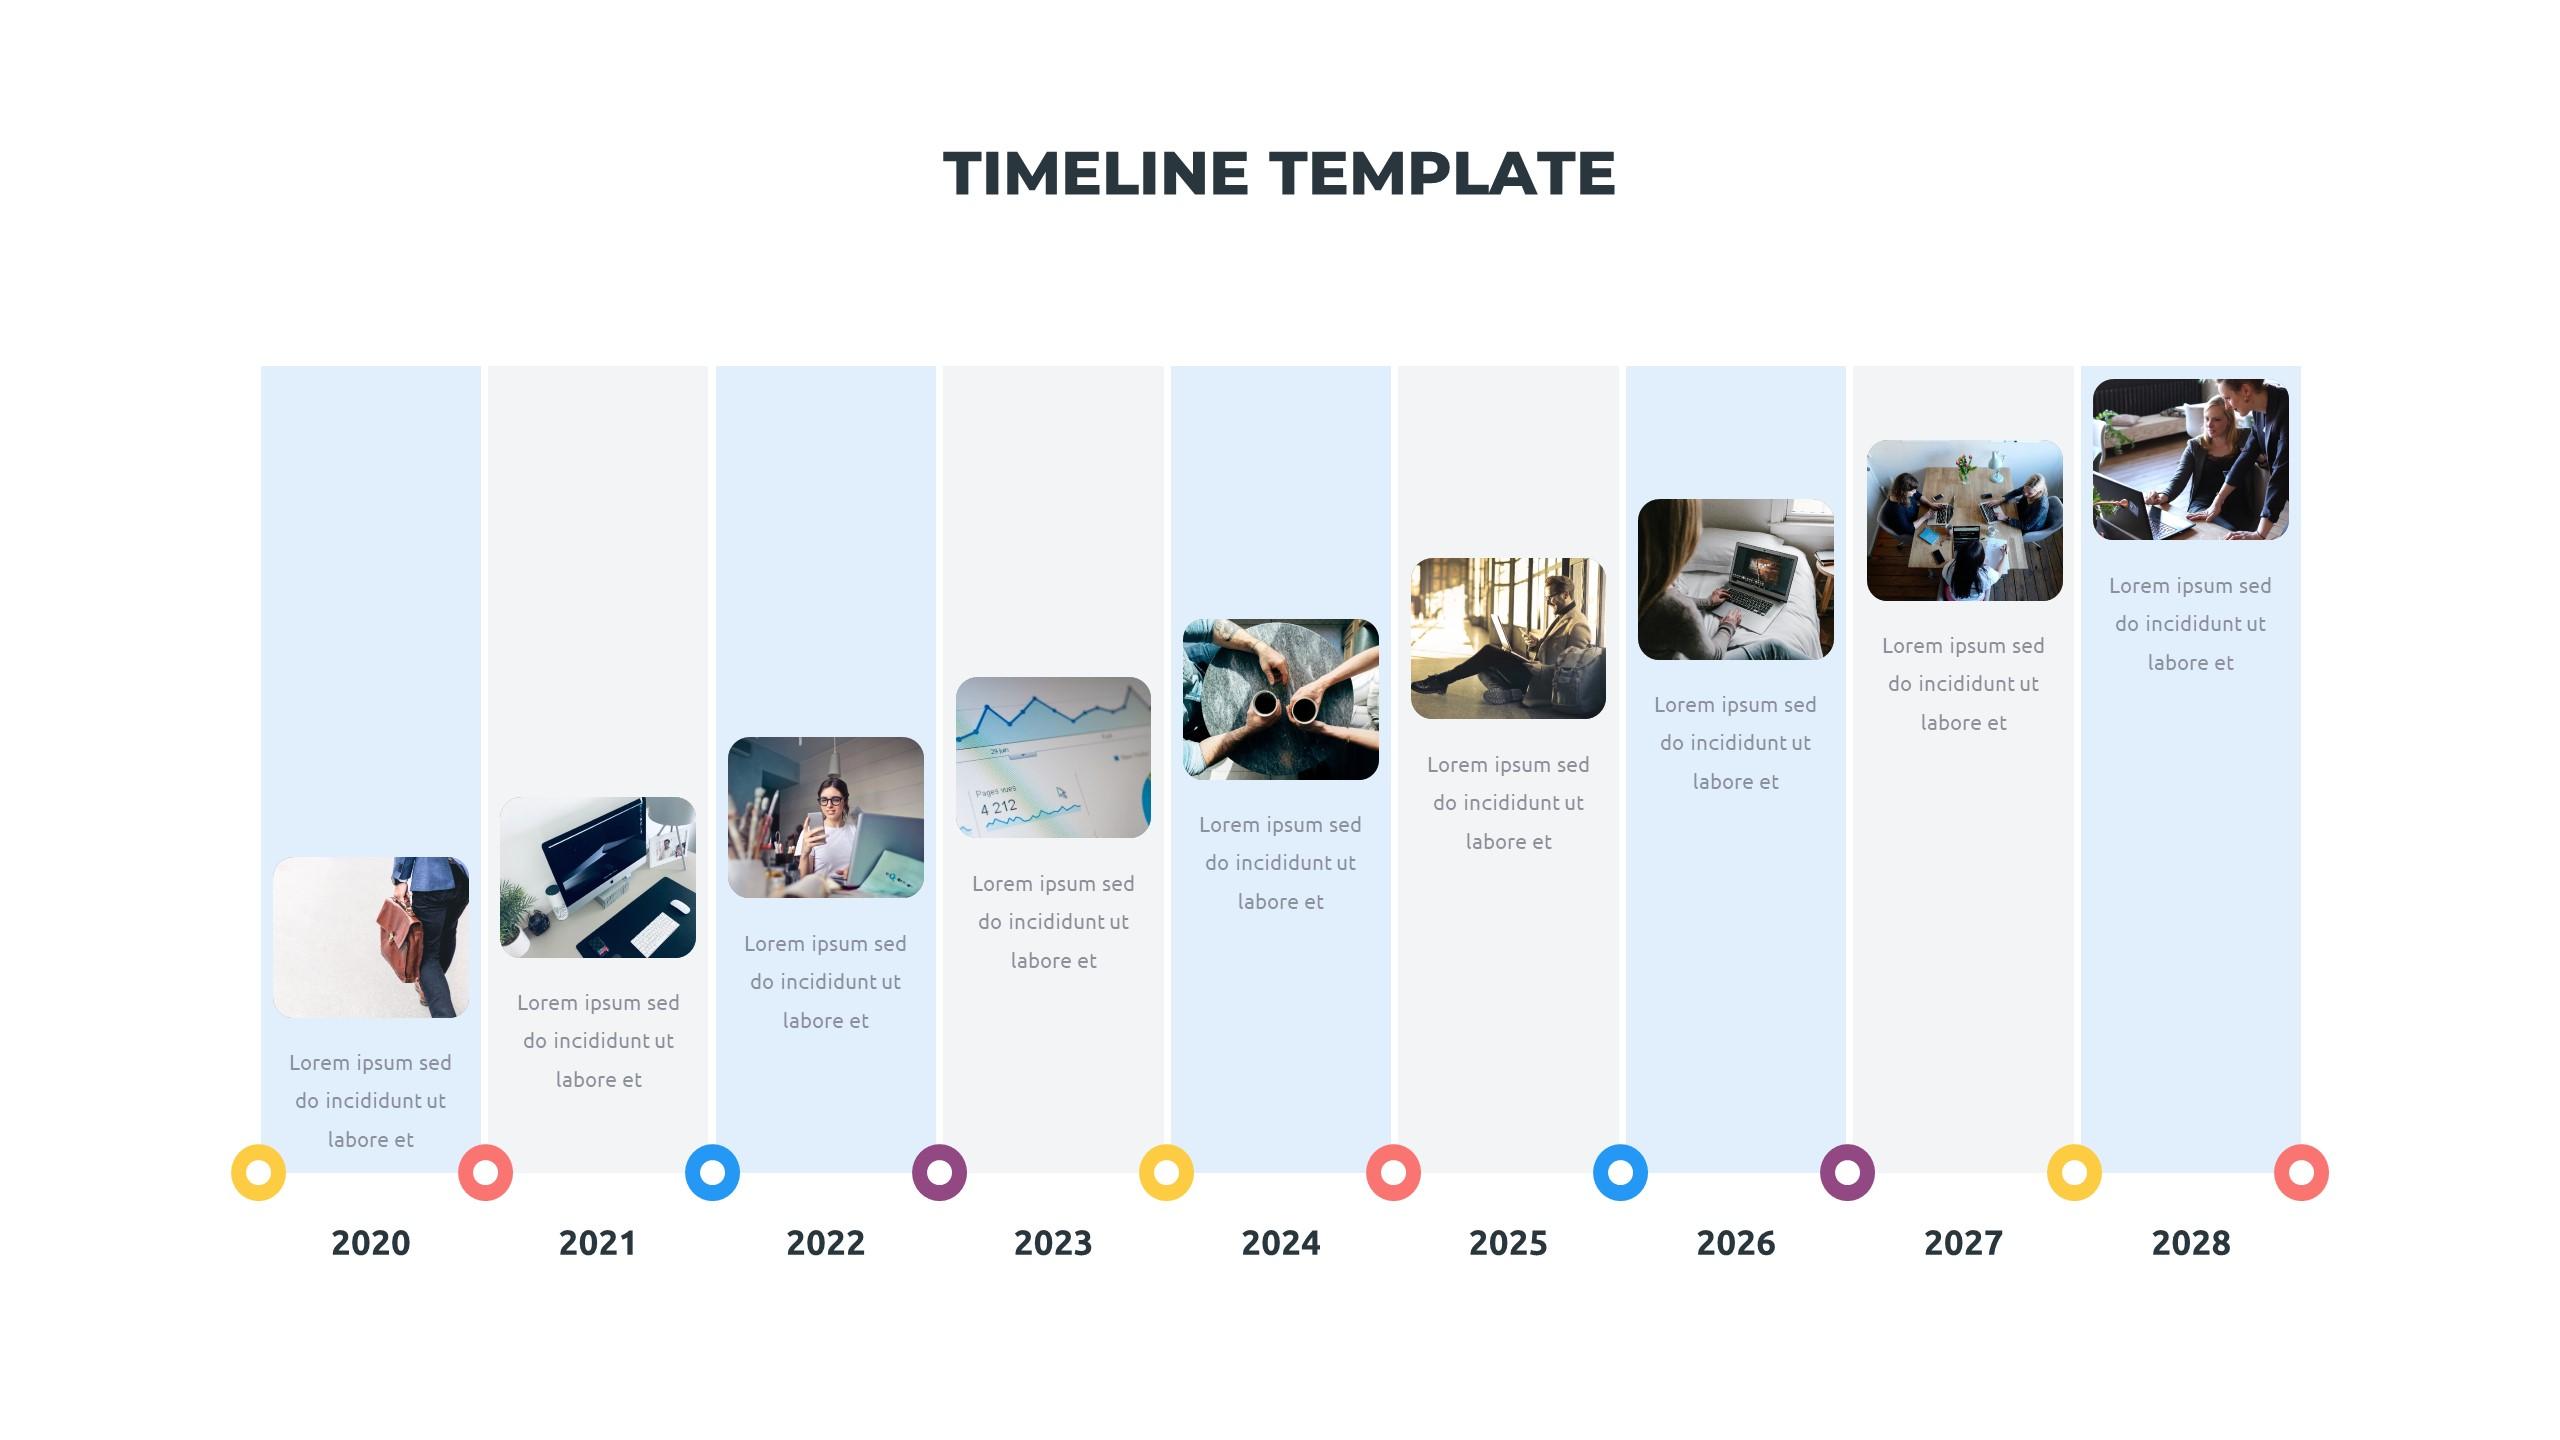 36 Timeline Presentation Templates: Powerpoint, Google Slides, Keynote - Slide12